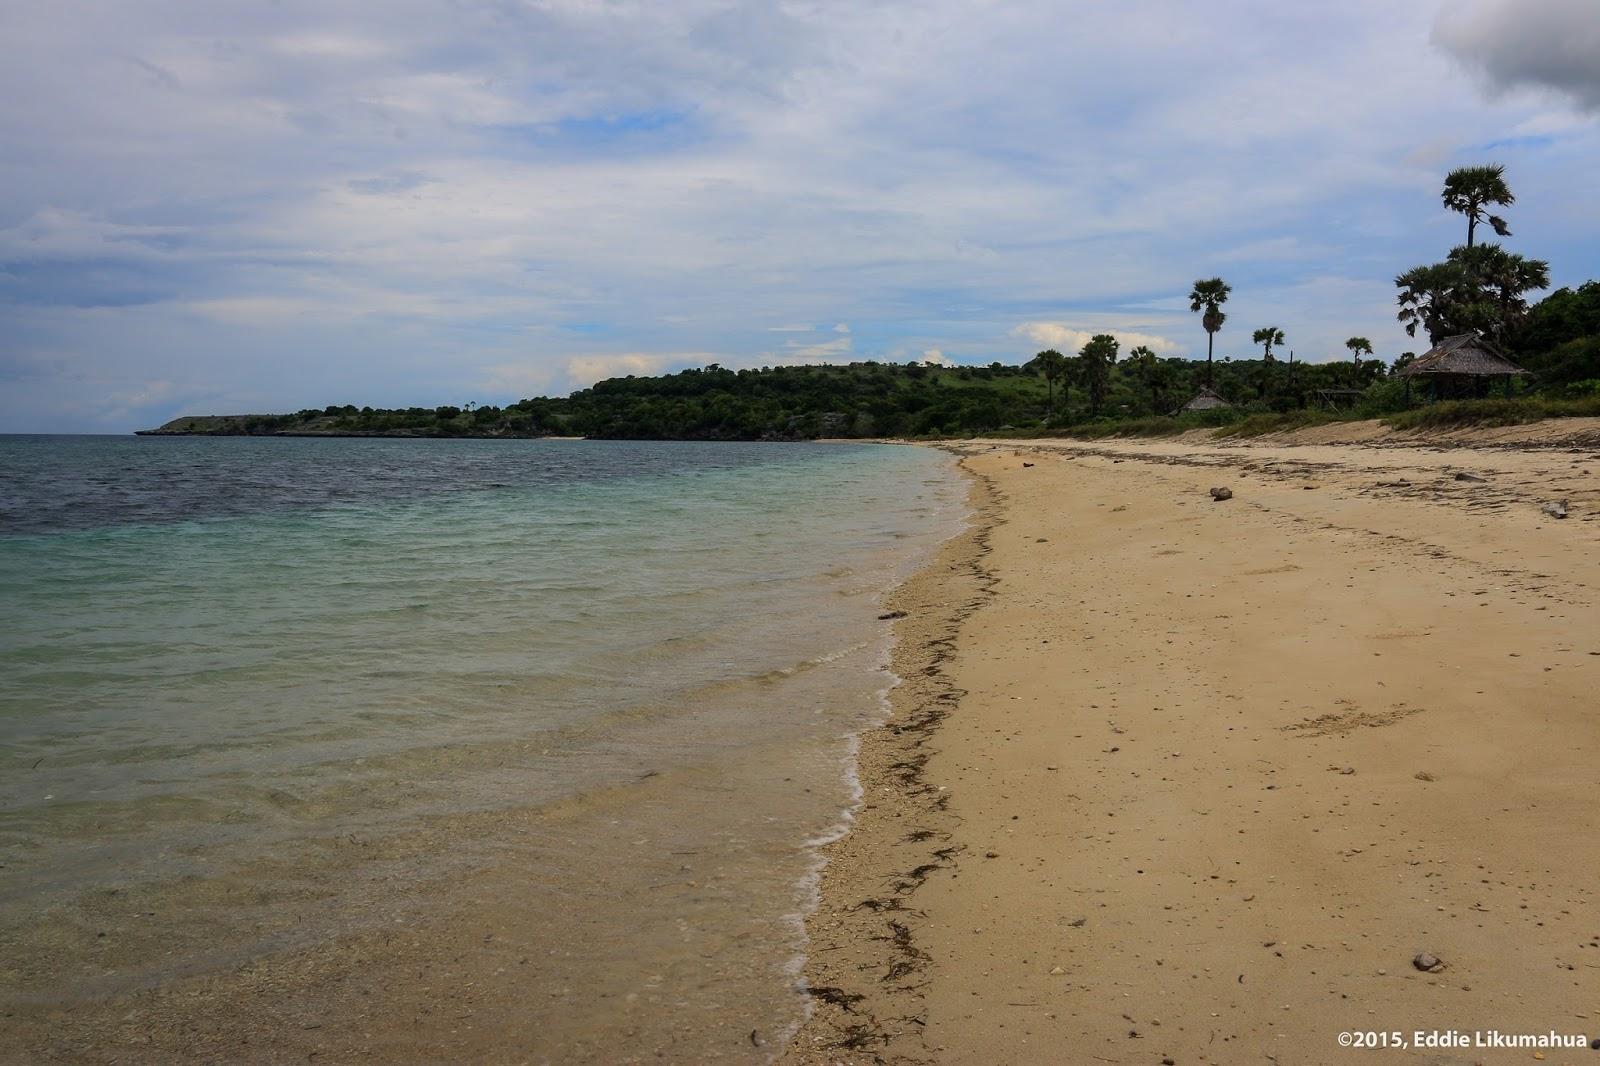 Maluku Manise Pulau Kisar Vi Pantai Uhum Purpura Kisar Utara